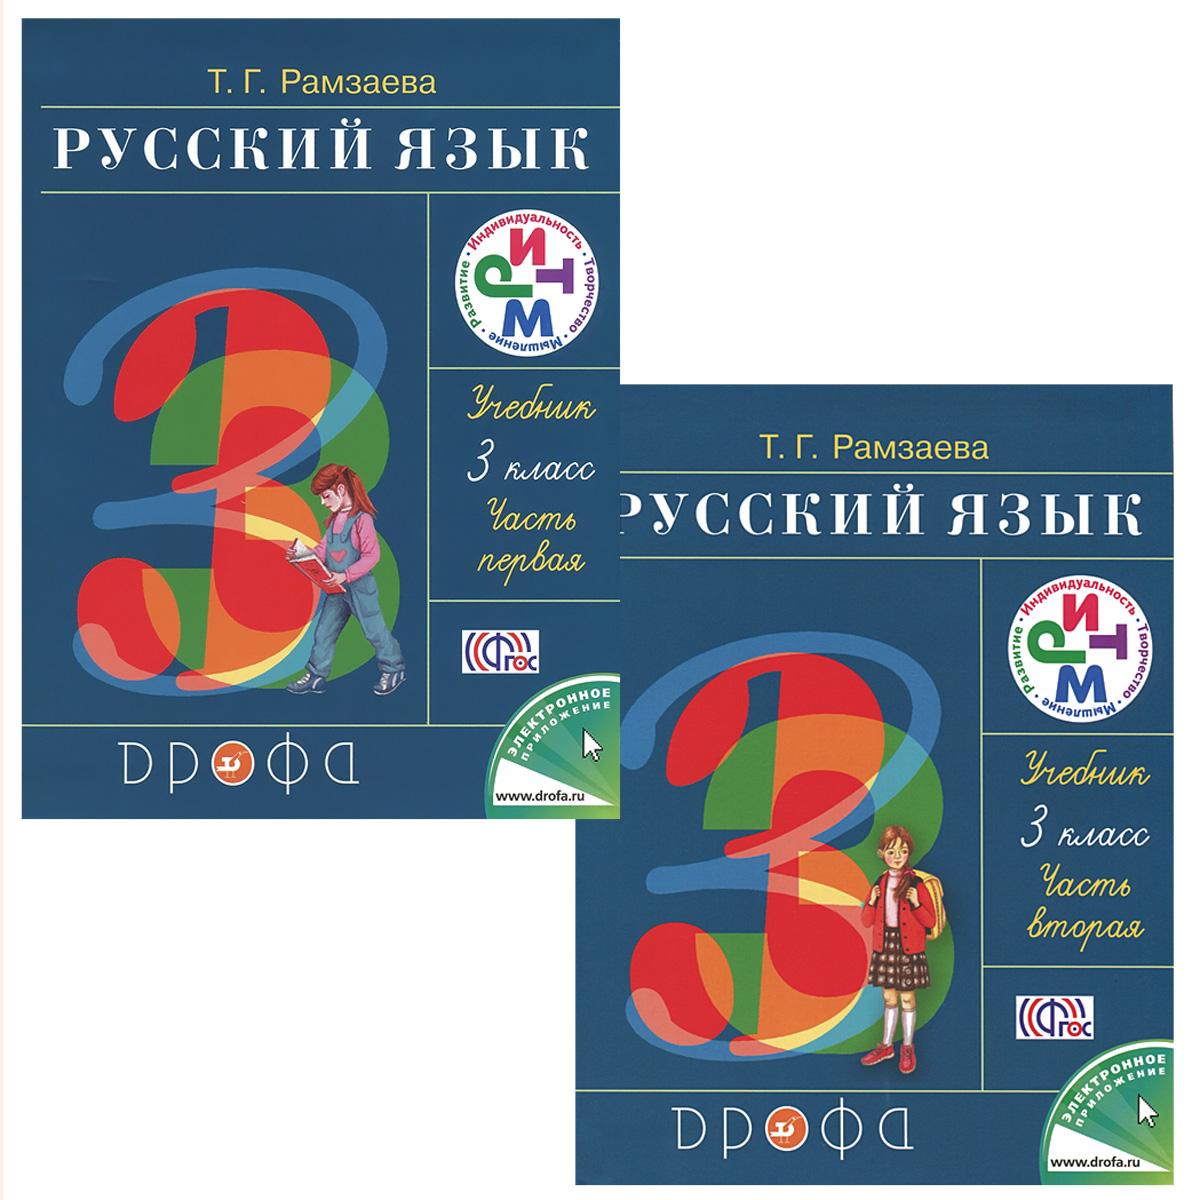 Русский язык. 3 класс. Учебник. В 2 частях (комплект из 2 книг)